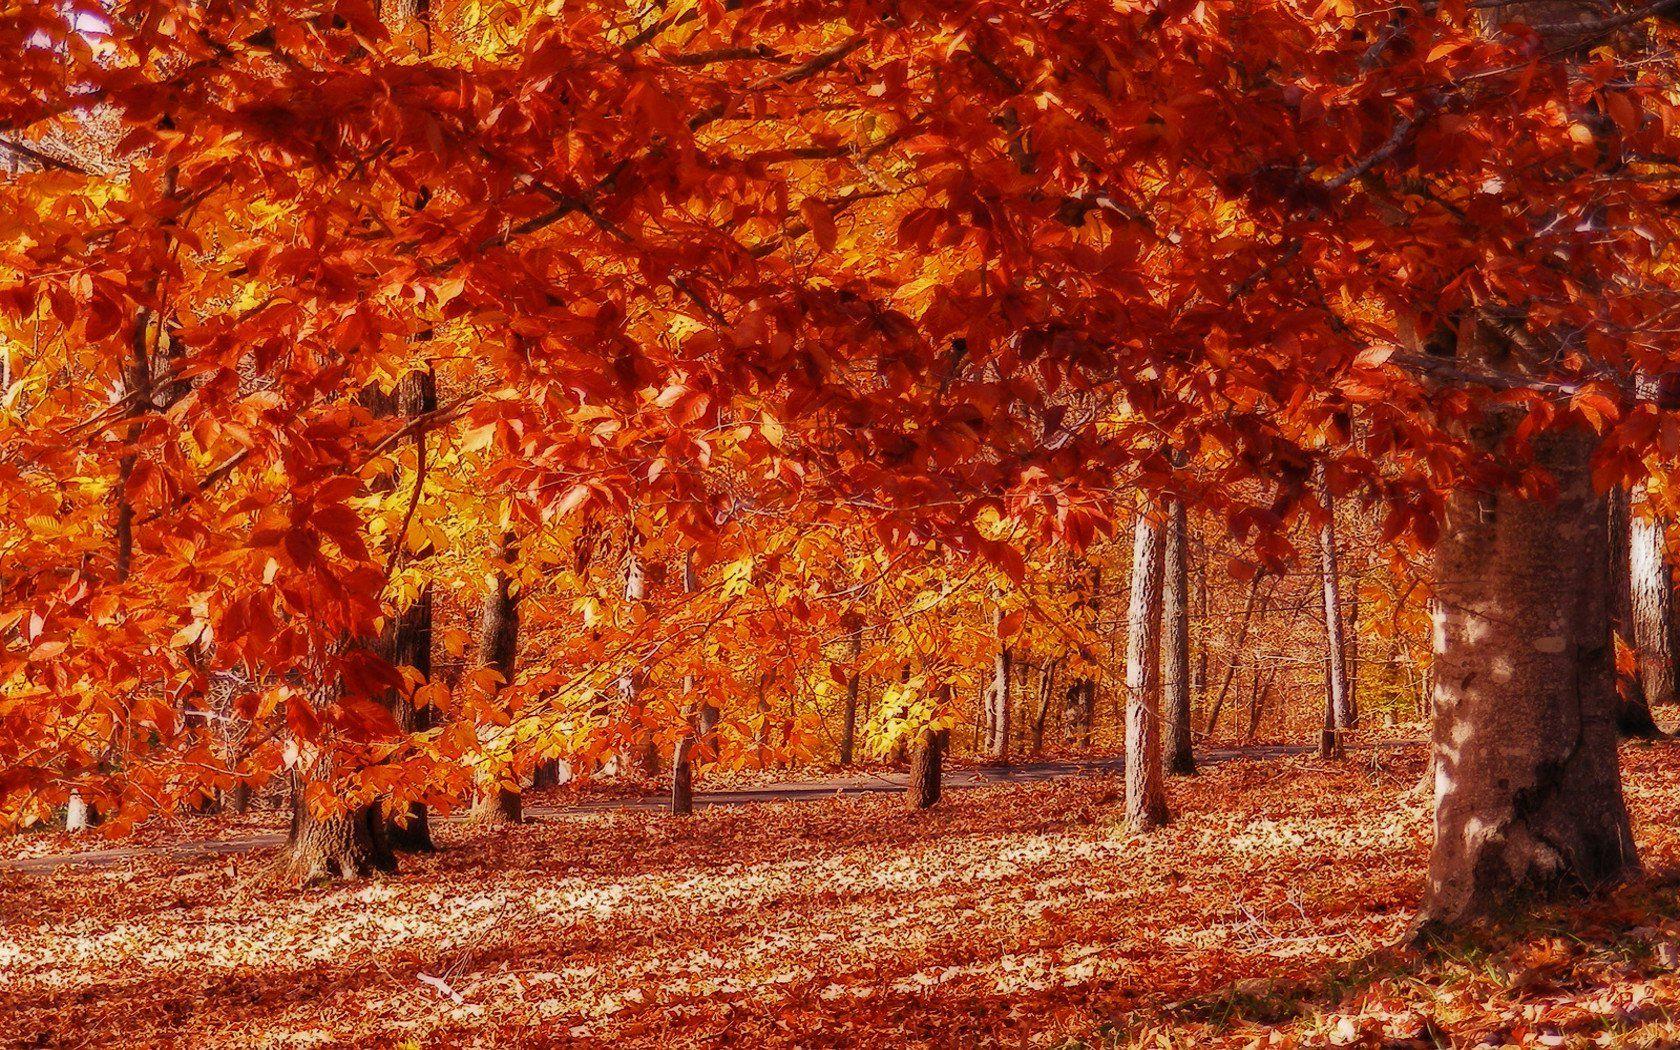 фото осень золотая хорошем качестве неравных